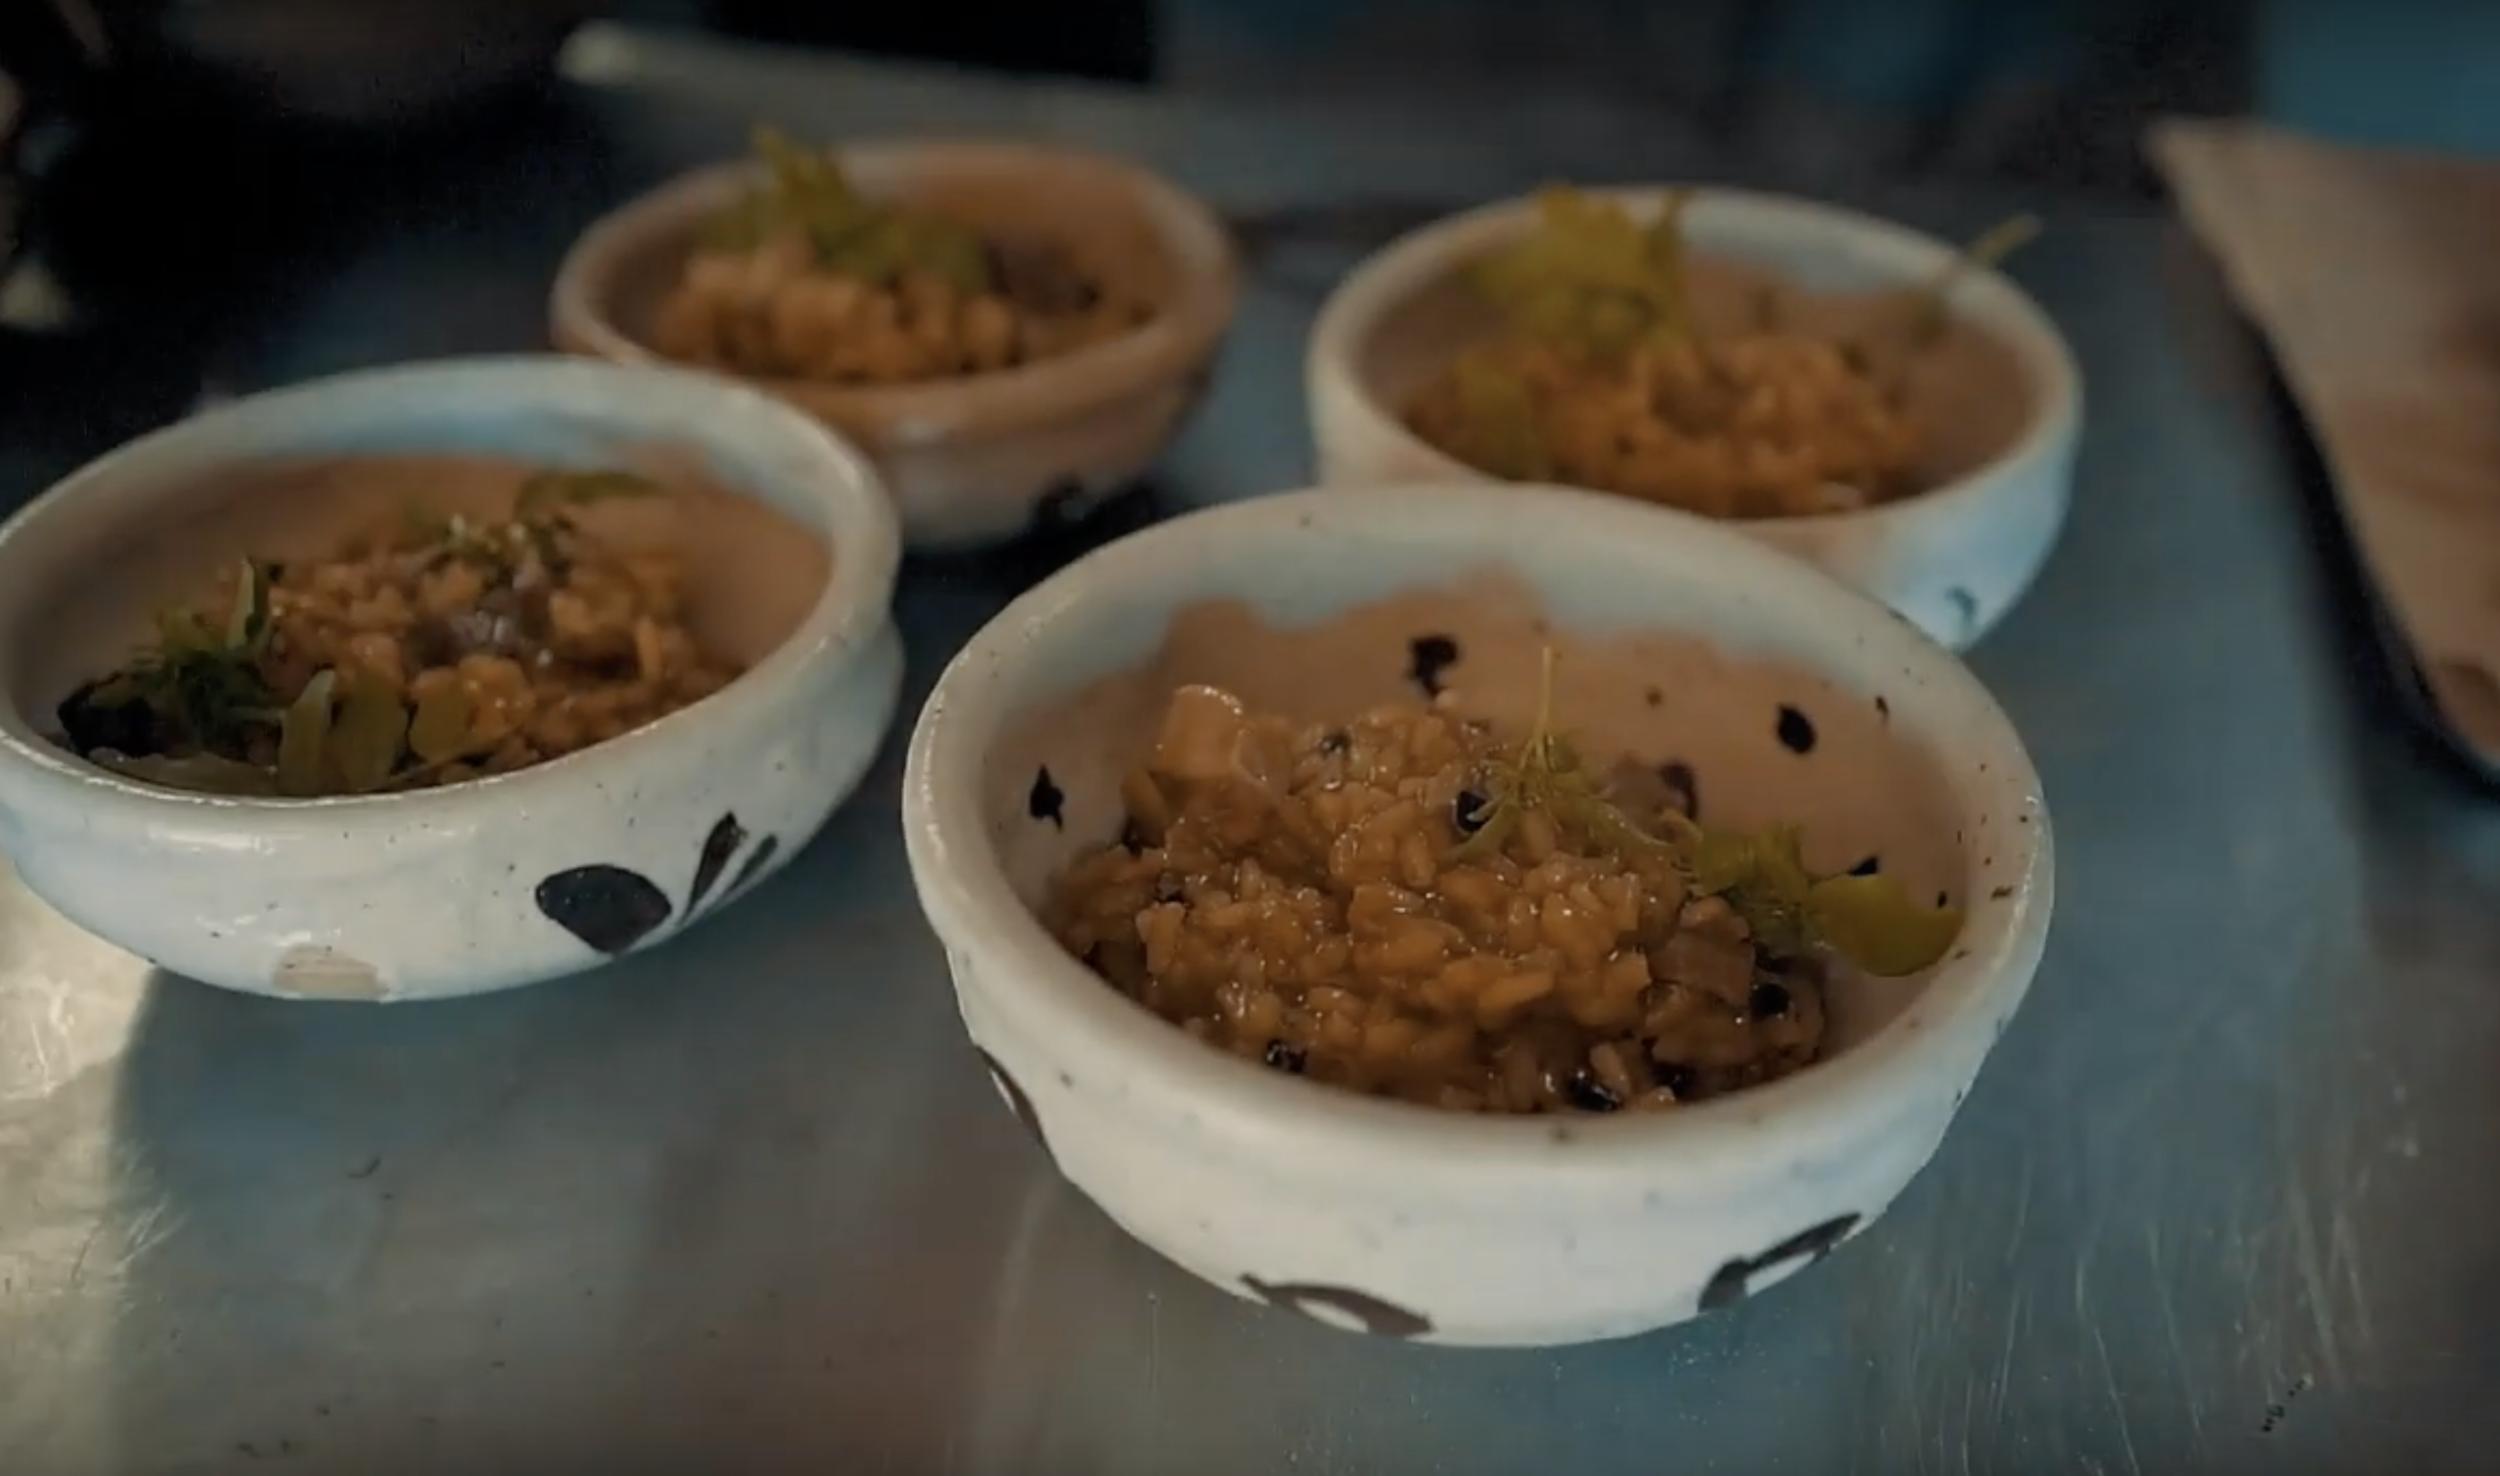 de-mestres-e-chefs-festival-gastronomico-lousa-cabrito53.png